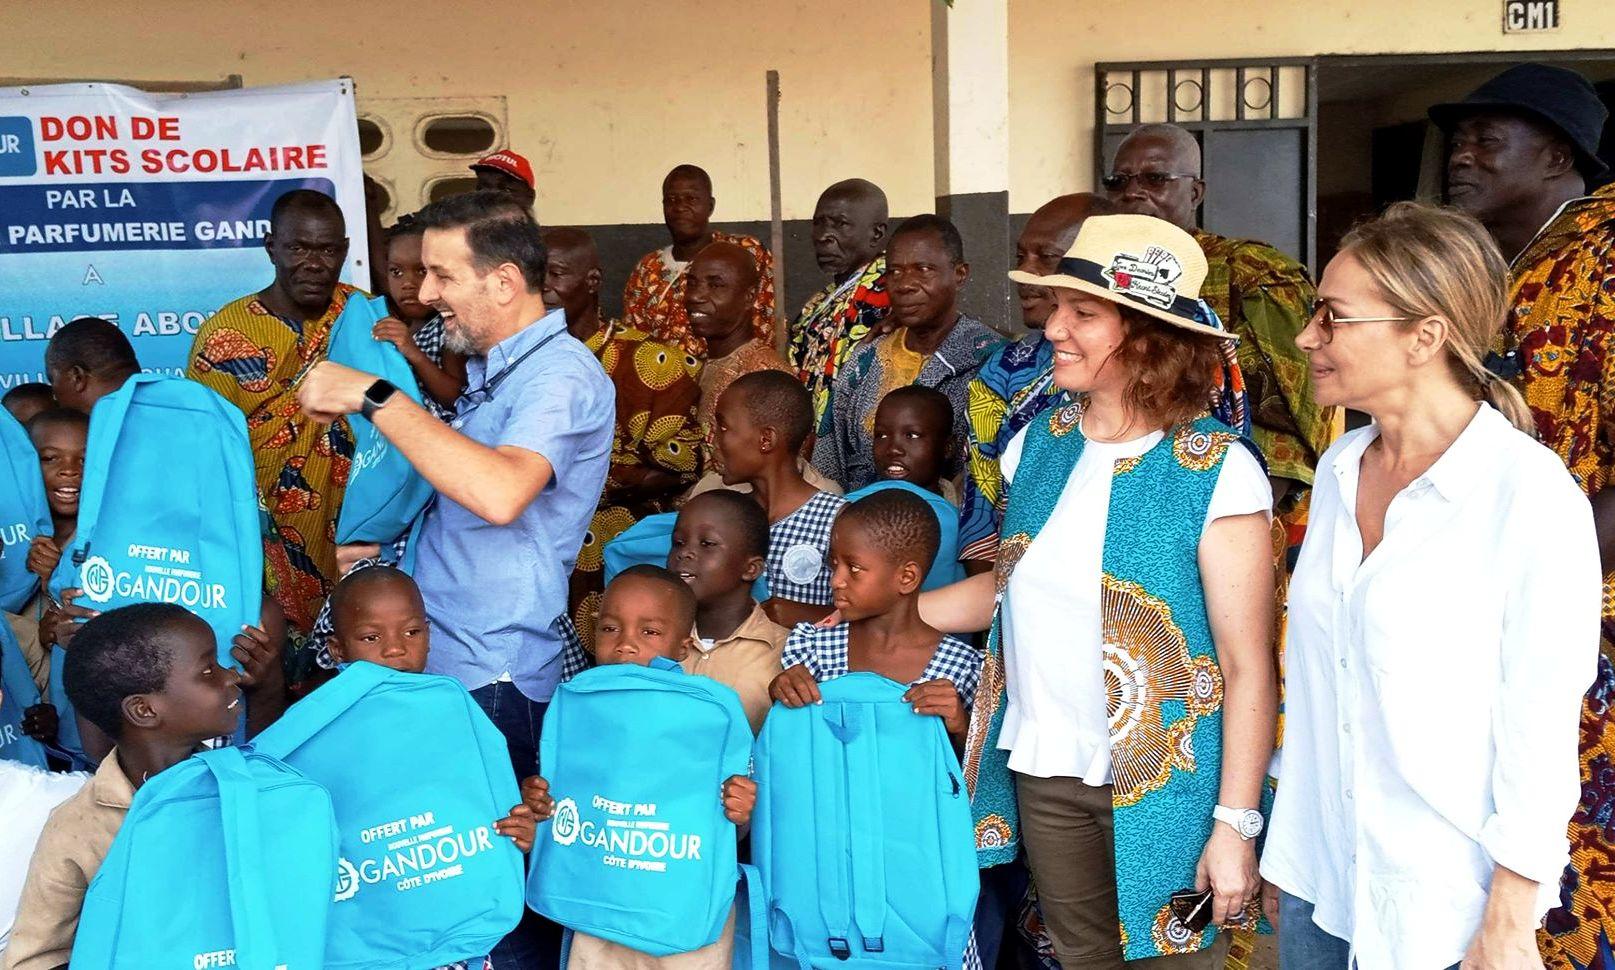 Nouvelle parfumerie gandour,distribution de kits scolaires